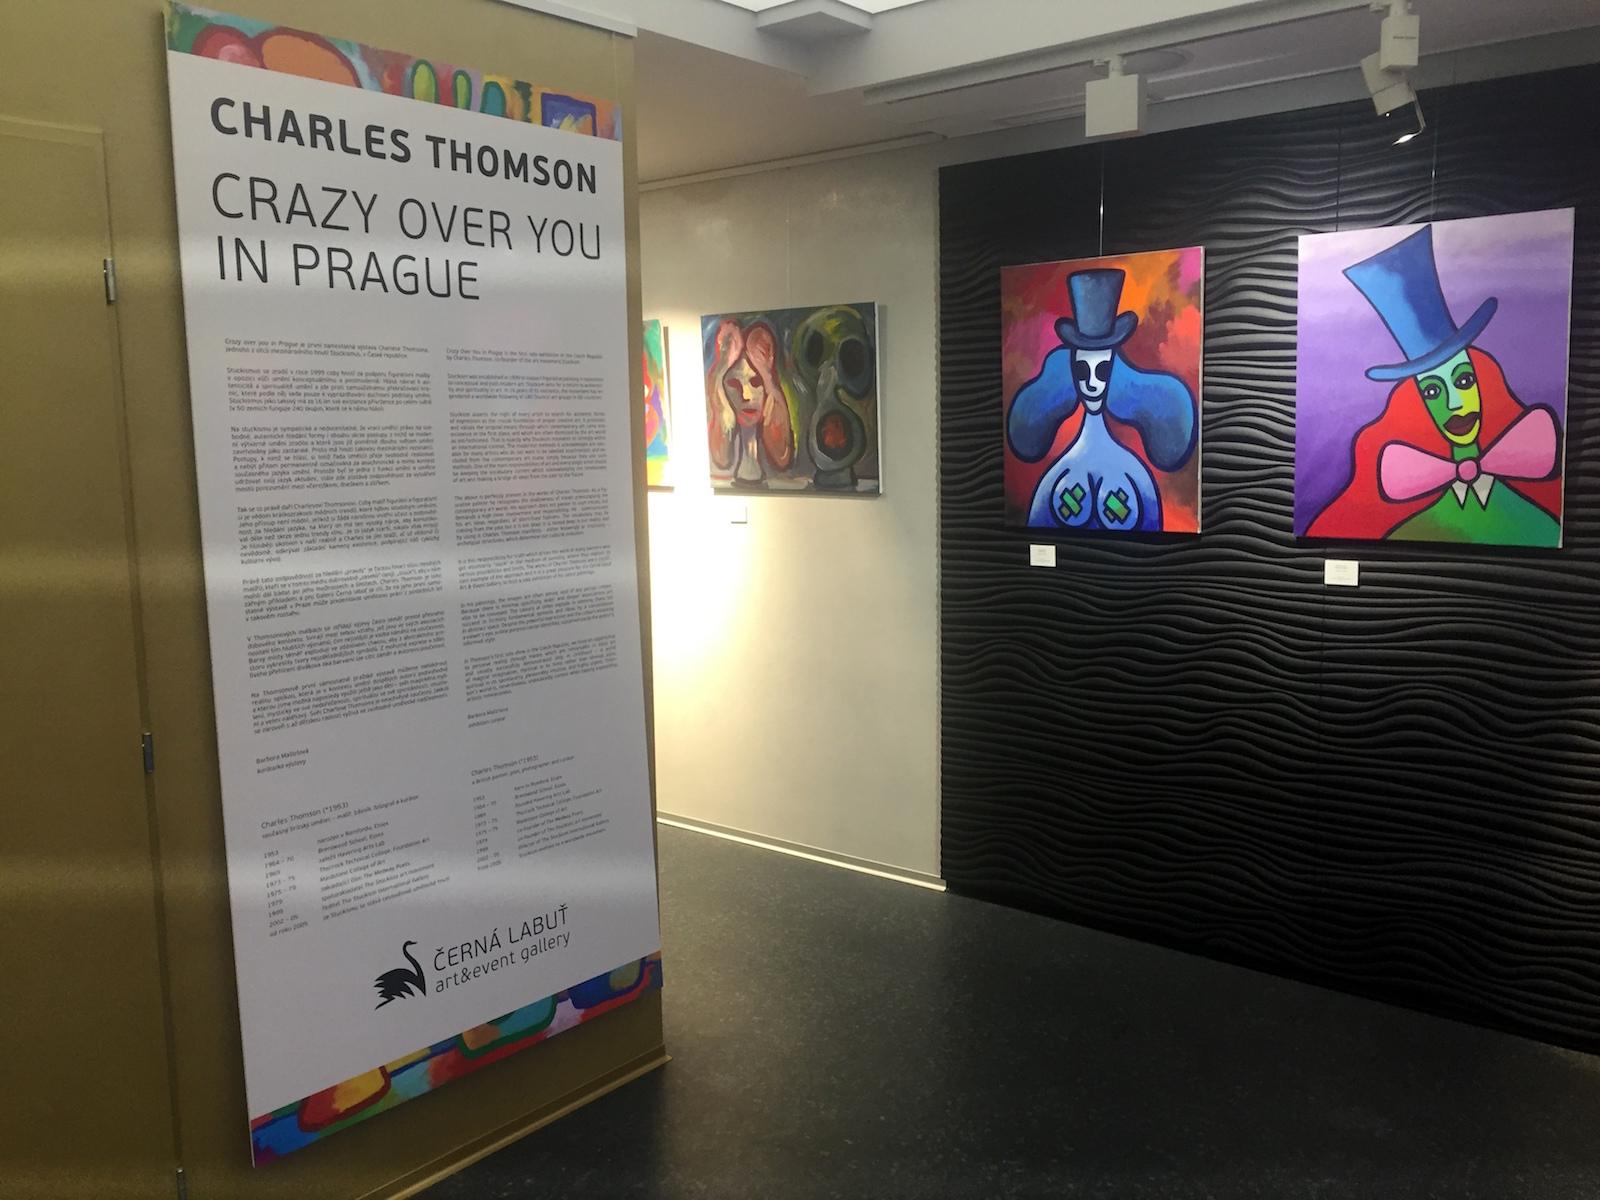 Černá labuť – Charles Thomson, 2015